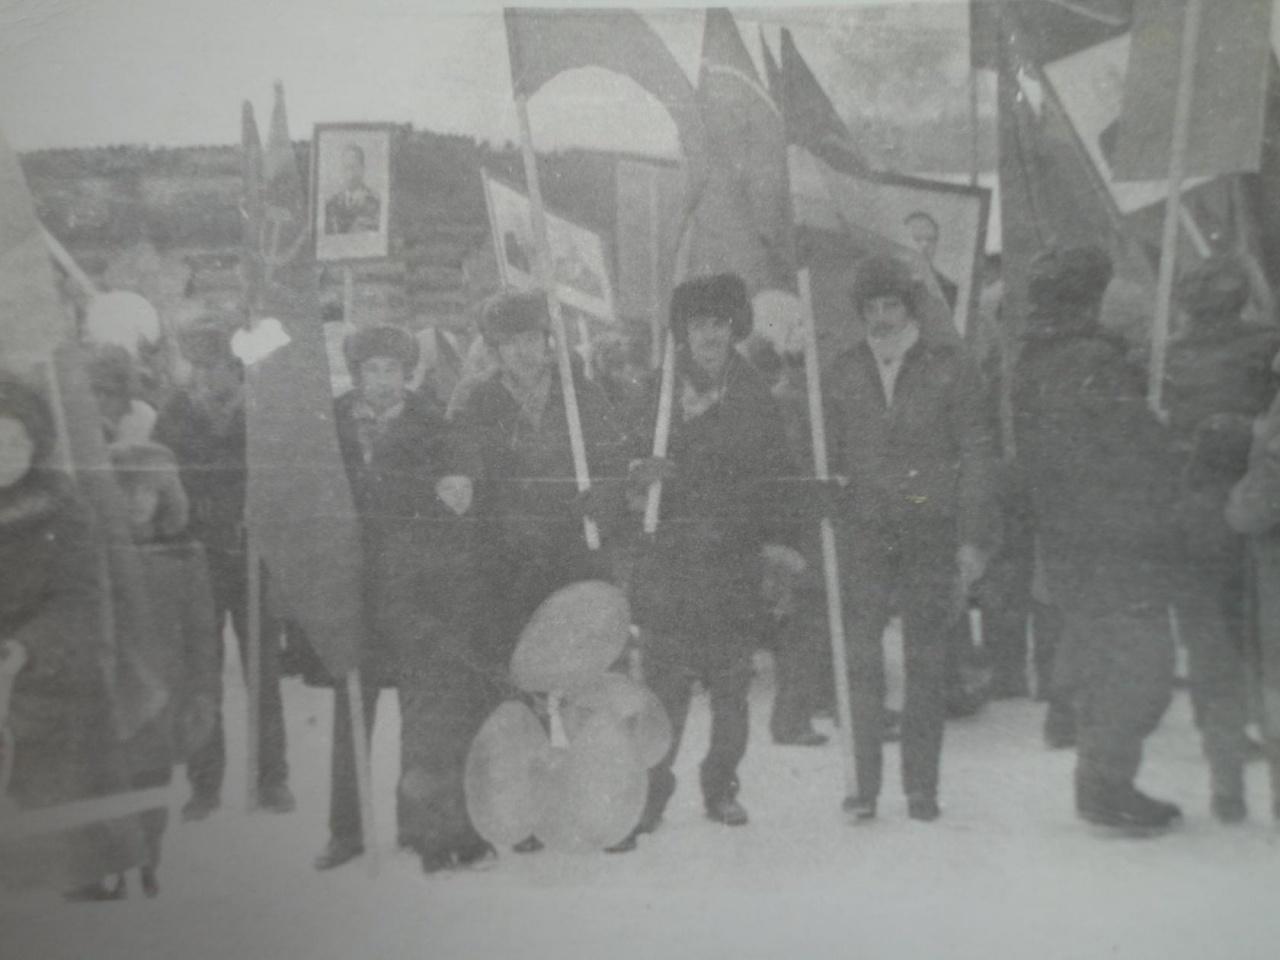 Узел связи на ноябрьской демонстрации , конец 80х